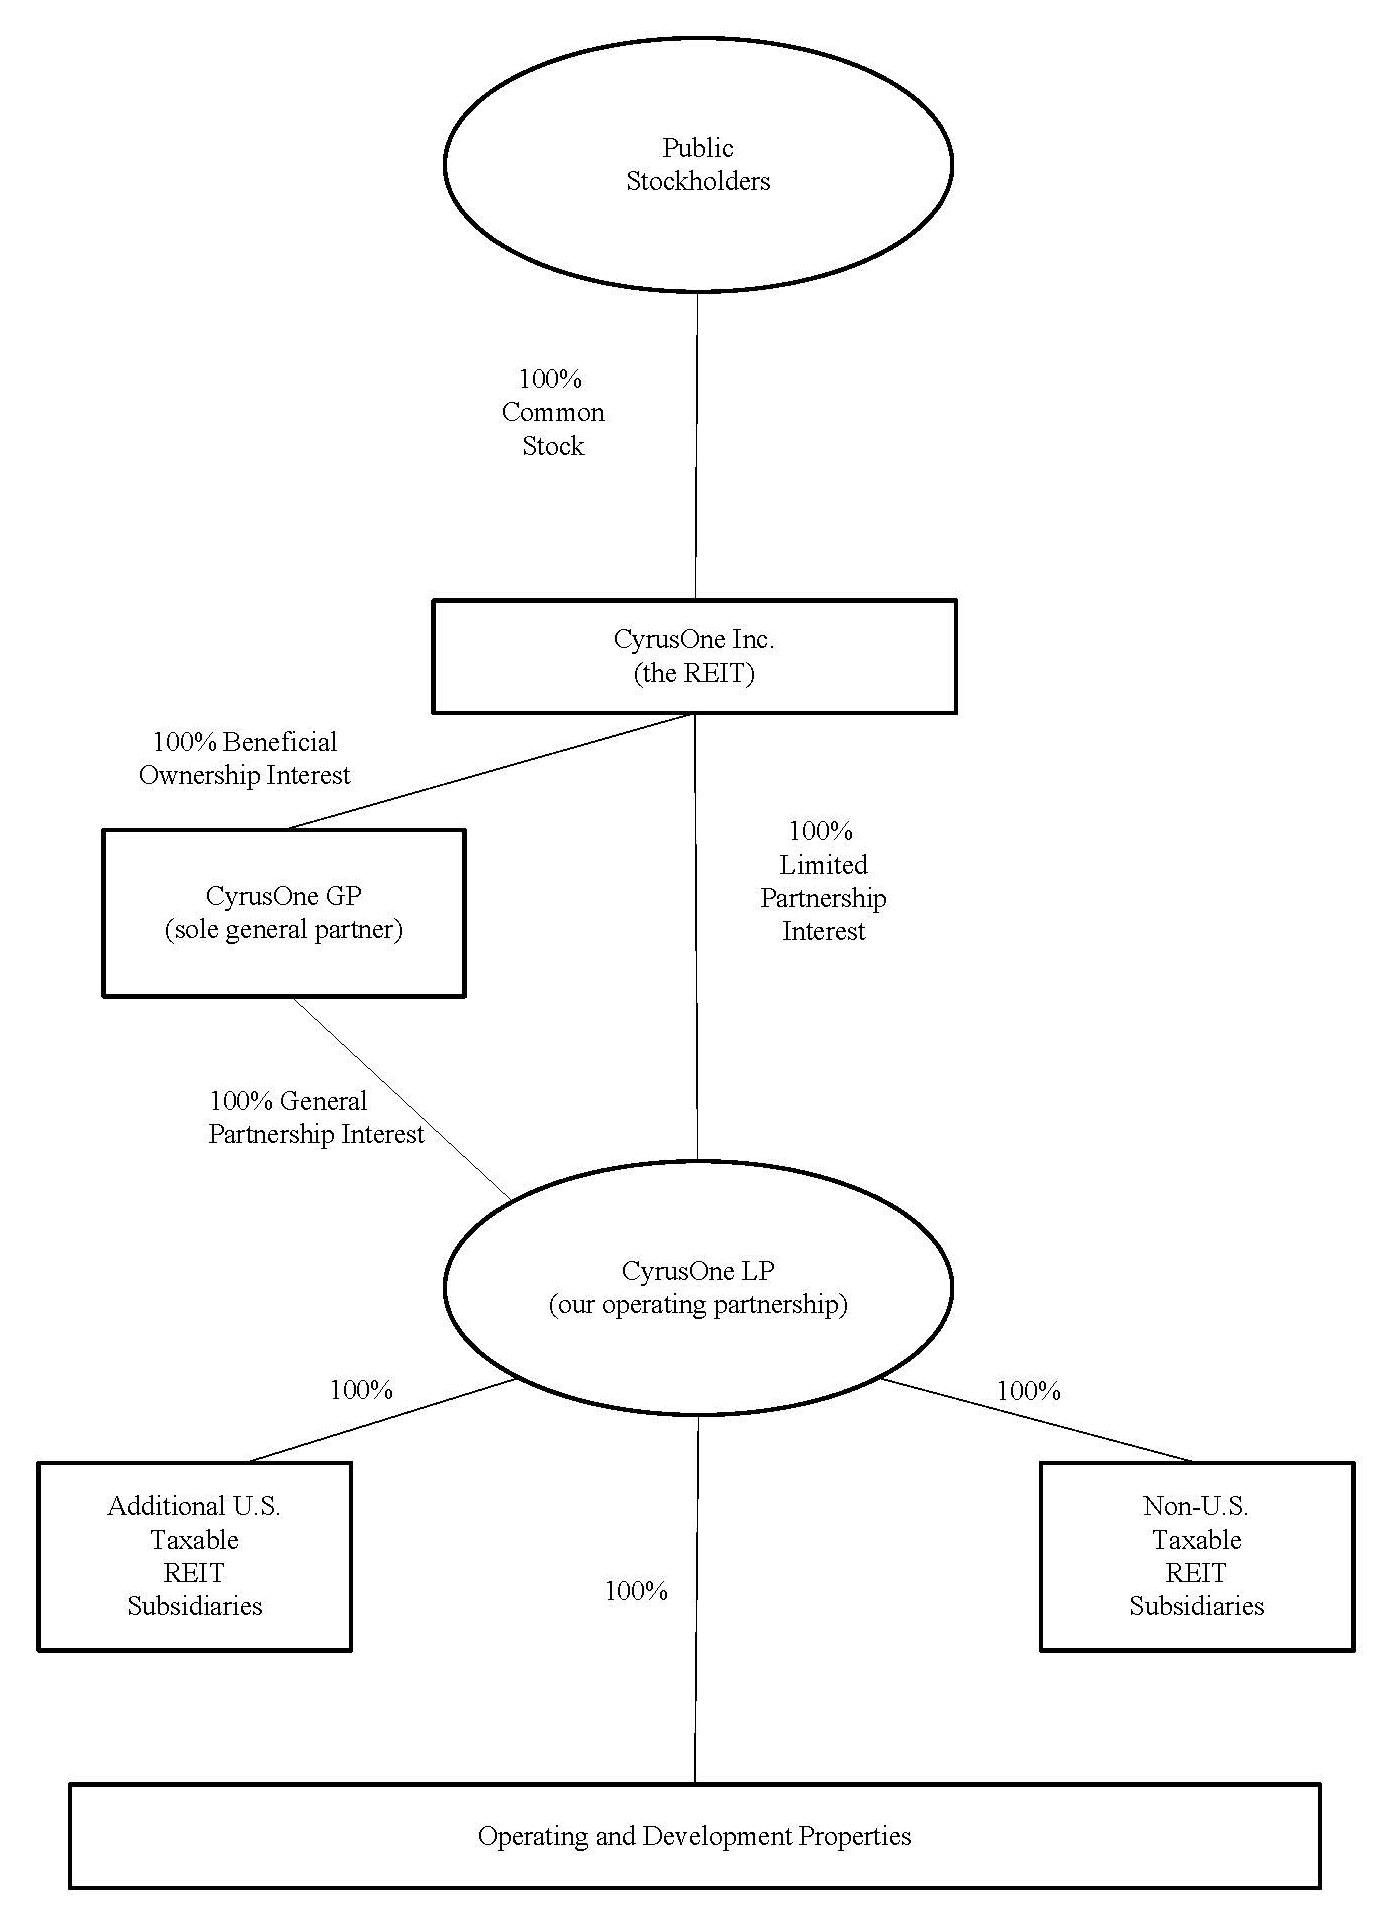 https://cdn.kscope.io/2353078ece23be2de2dc1c2df4561645-coneownershipstructure07.jpg